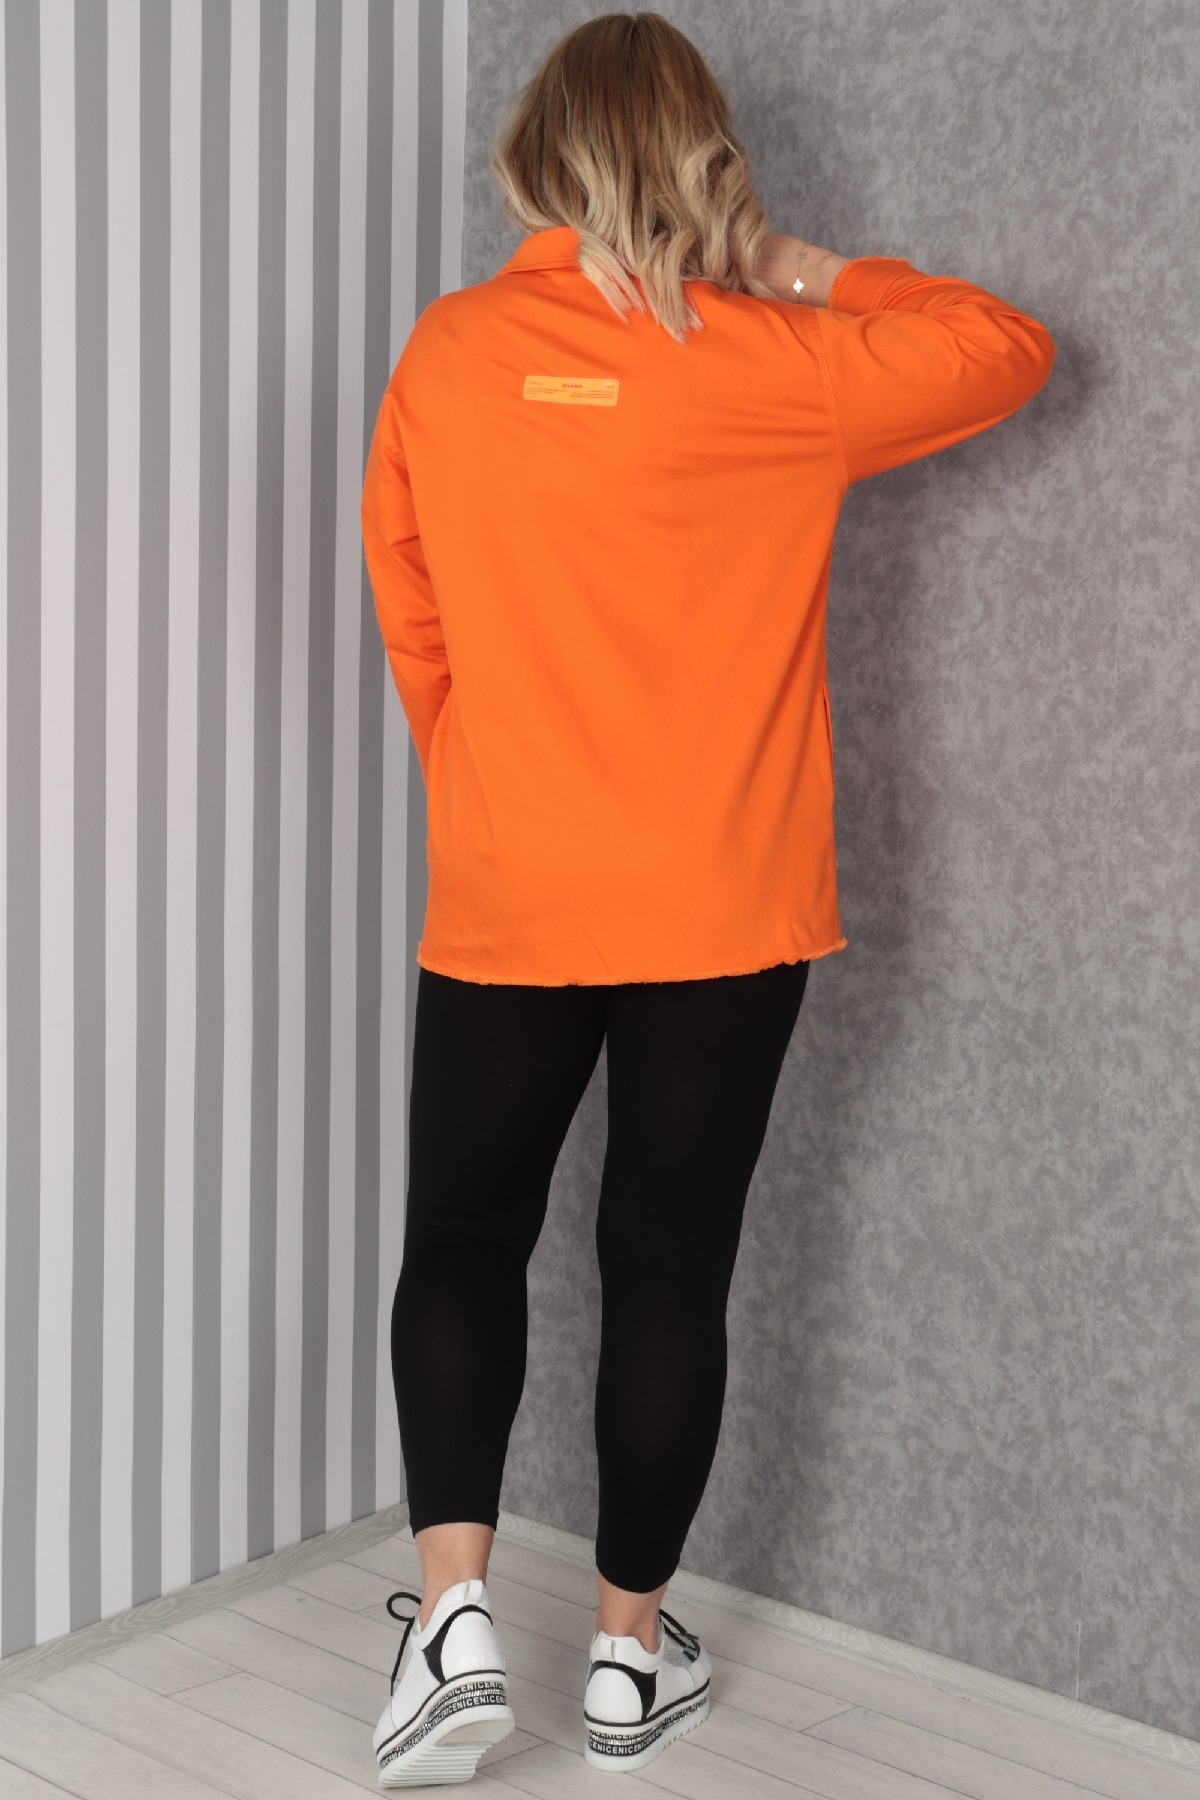 Trench Coats-Orange